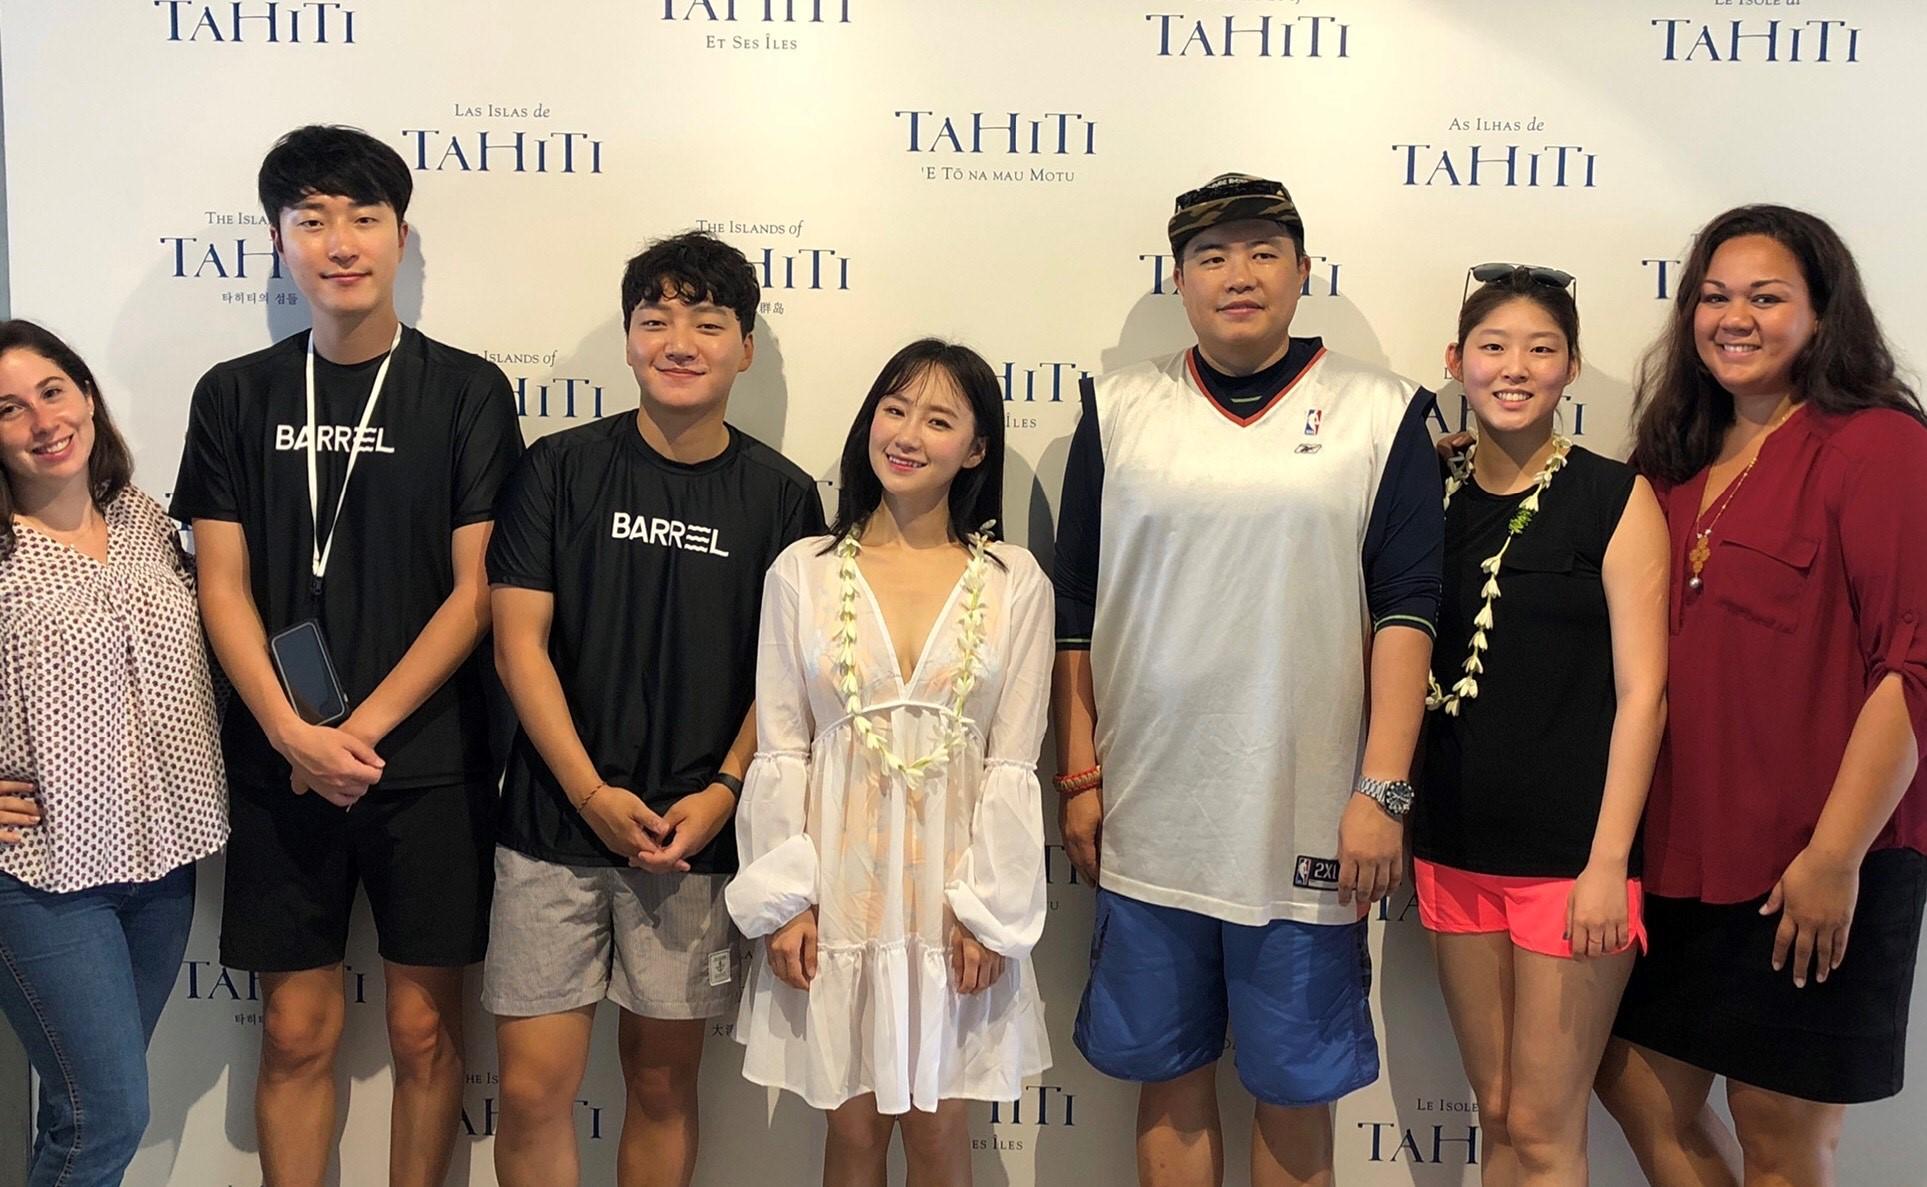 Les influenceurs accueillis par l'équipe de Tahiti Tourisme. Crédit Tahiti tourisme.